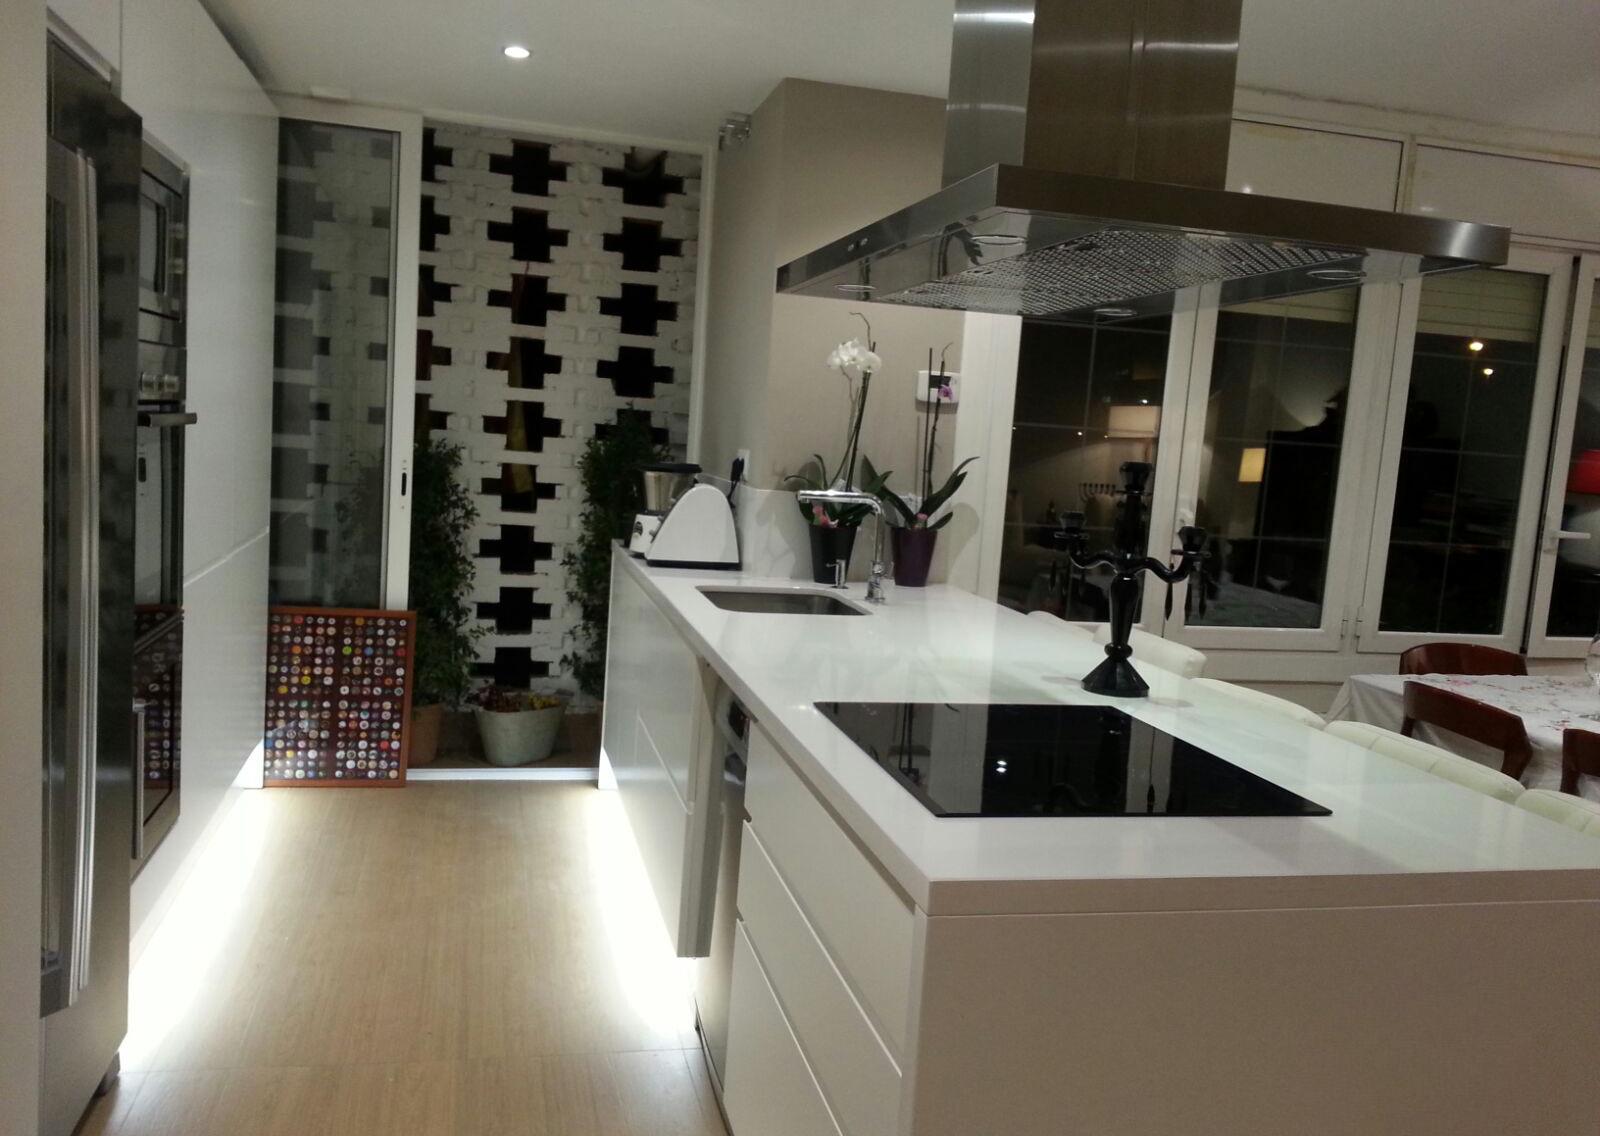 Muebles de cocina a medida lacados en blanco | MB Concept